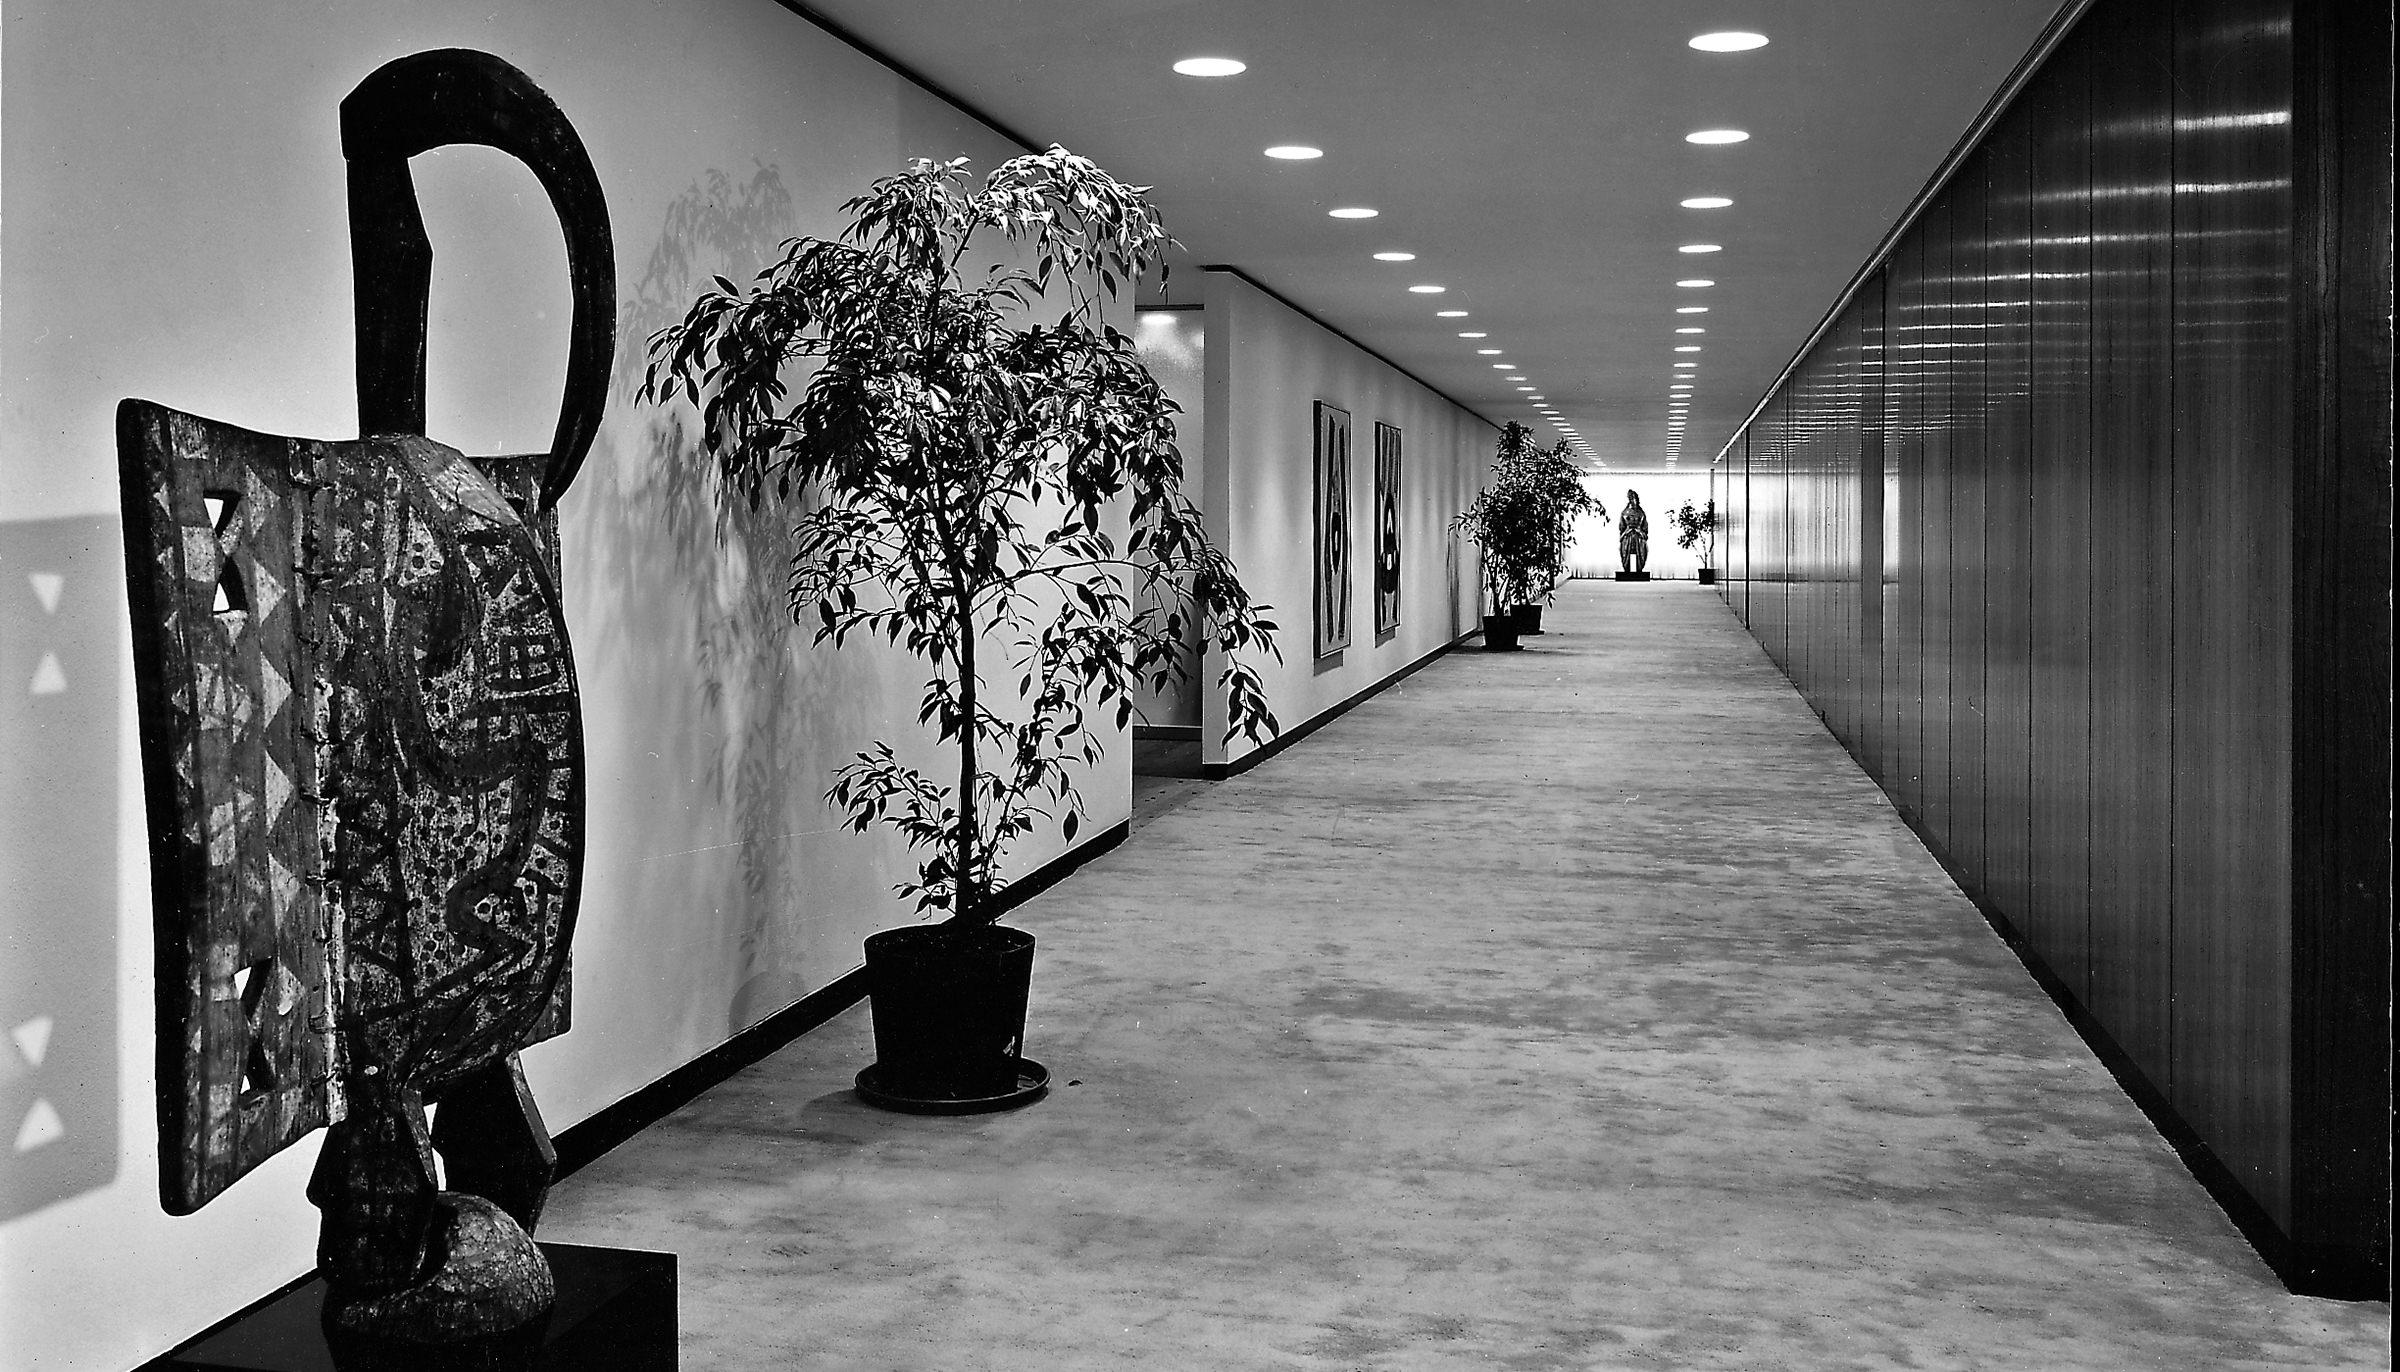 미술품이 전시되어 있는 체이스 맨하튼 은행 내부 전경 (photo by Alexandre georges).jpg